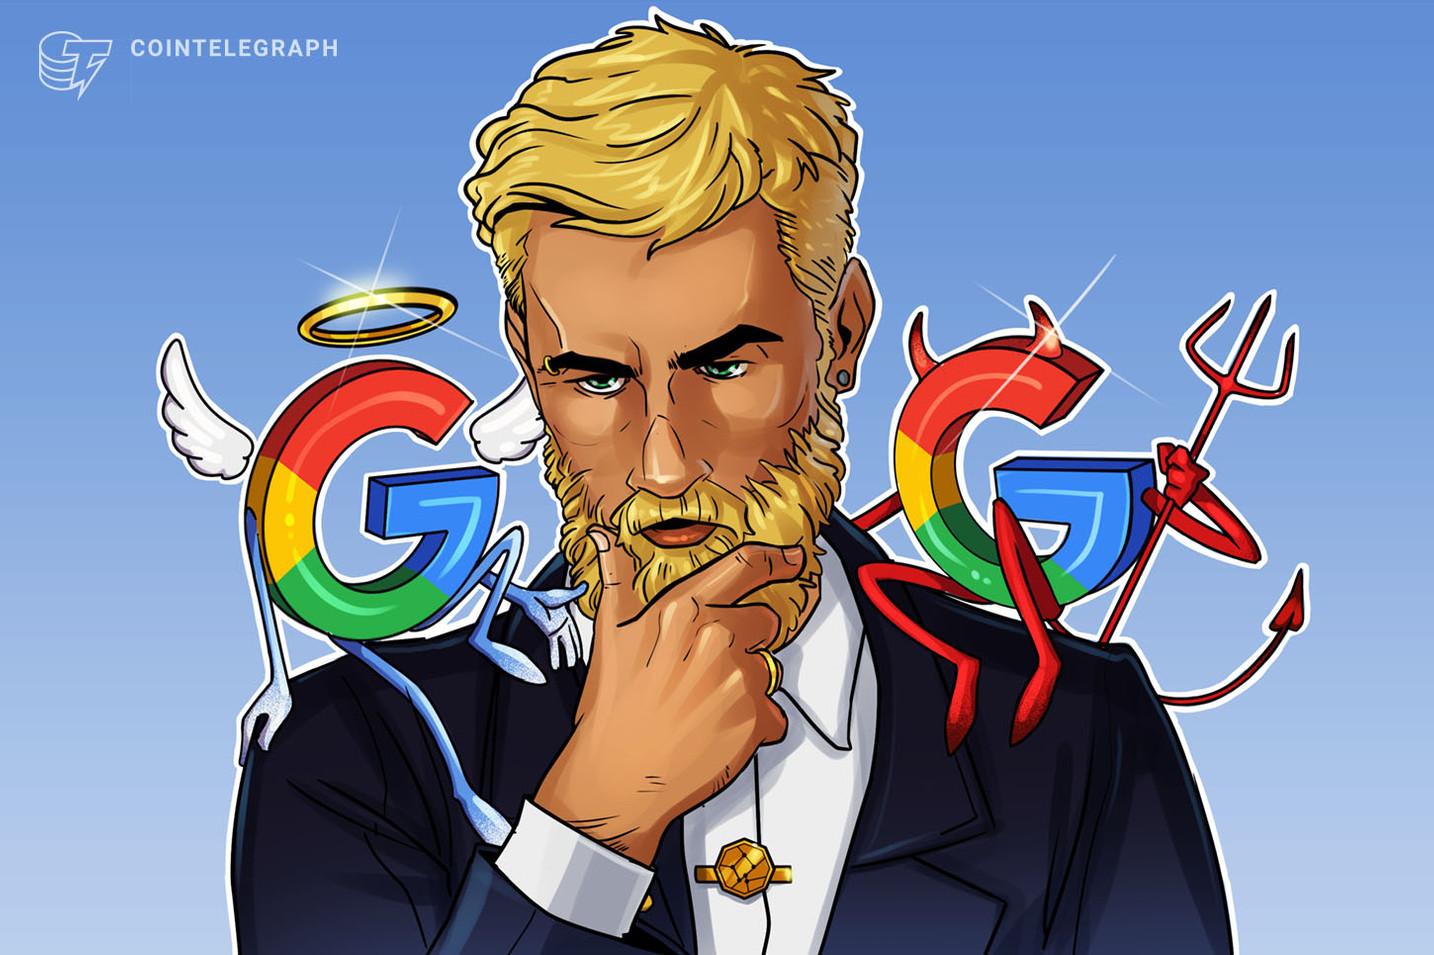 Comunidade de criptomoedas cria petição contra suposta censura do Google